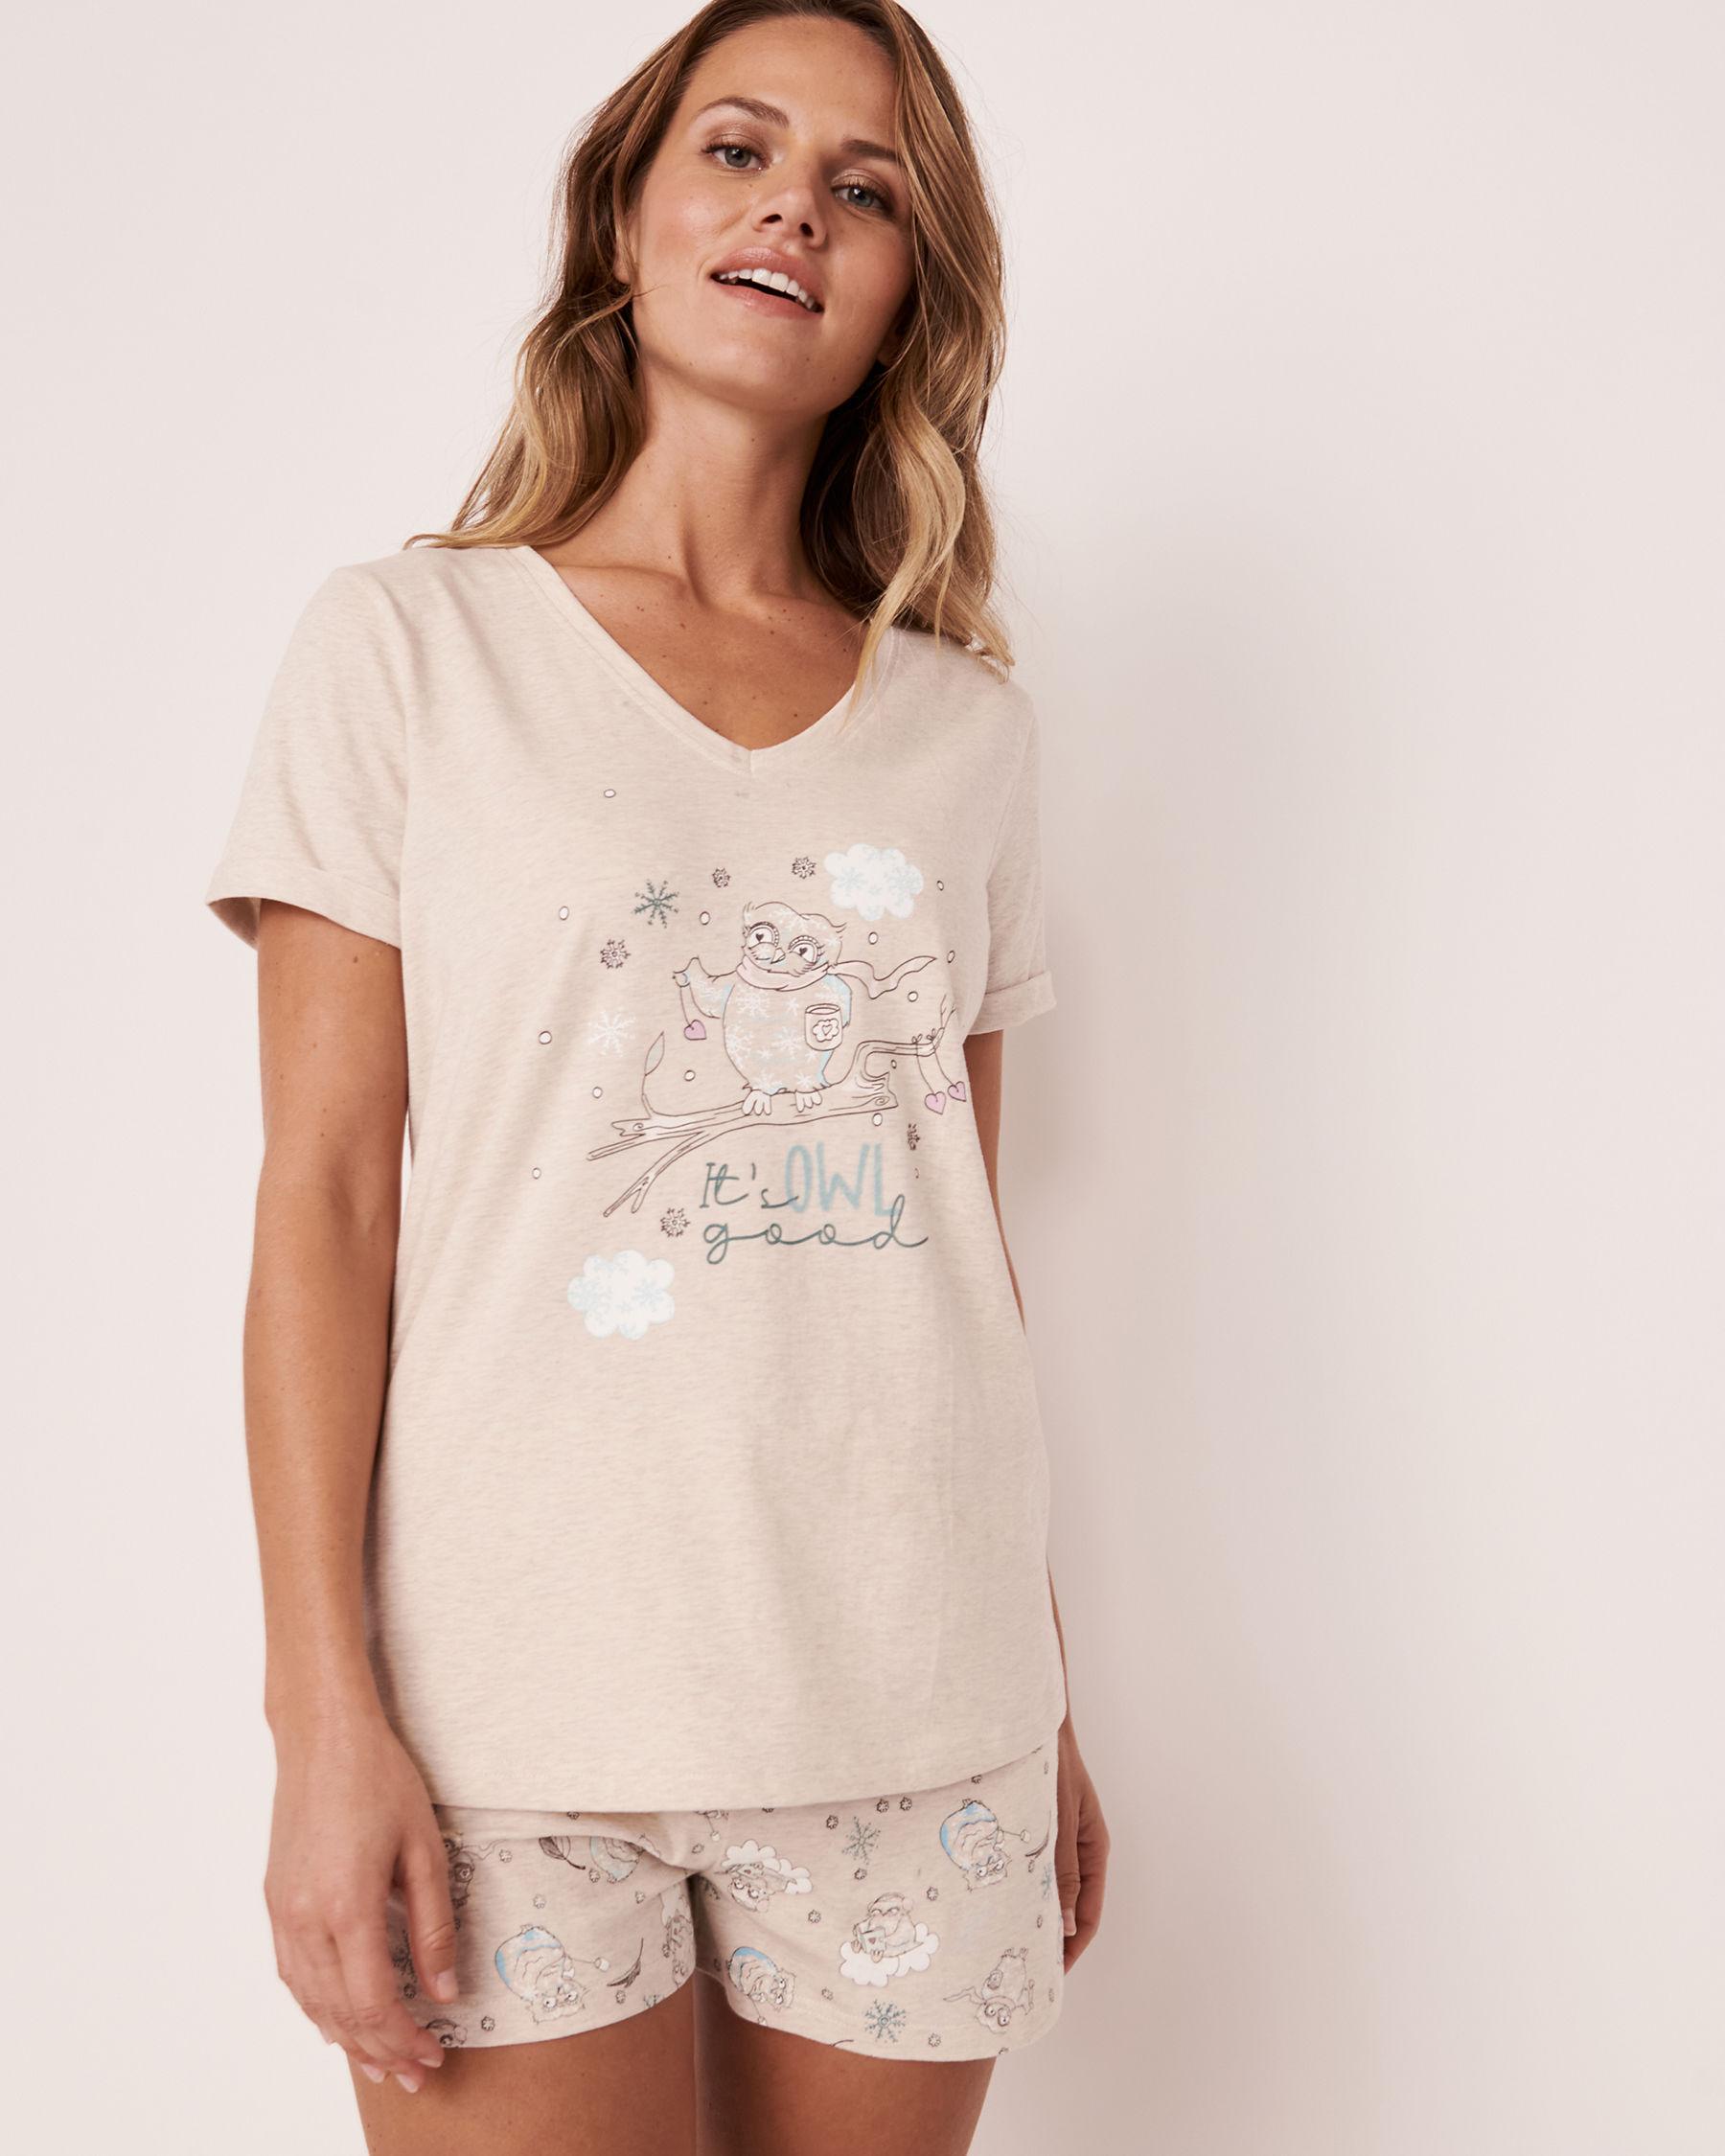 LA VIE EN ROSE Organic Cotton V-neck T-shirt Oatmeal 40100153 - View1